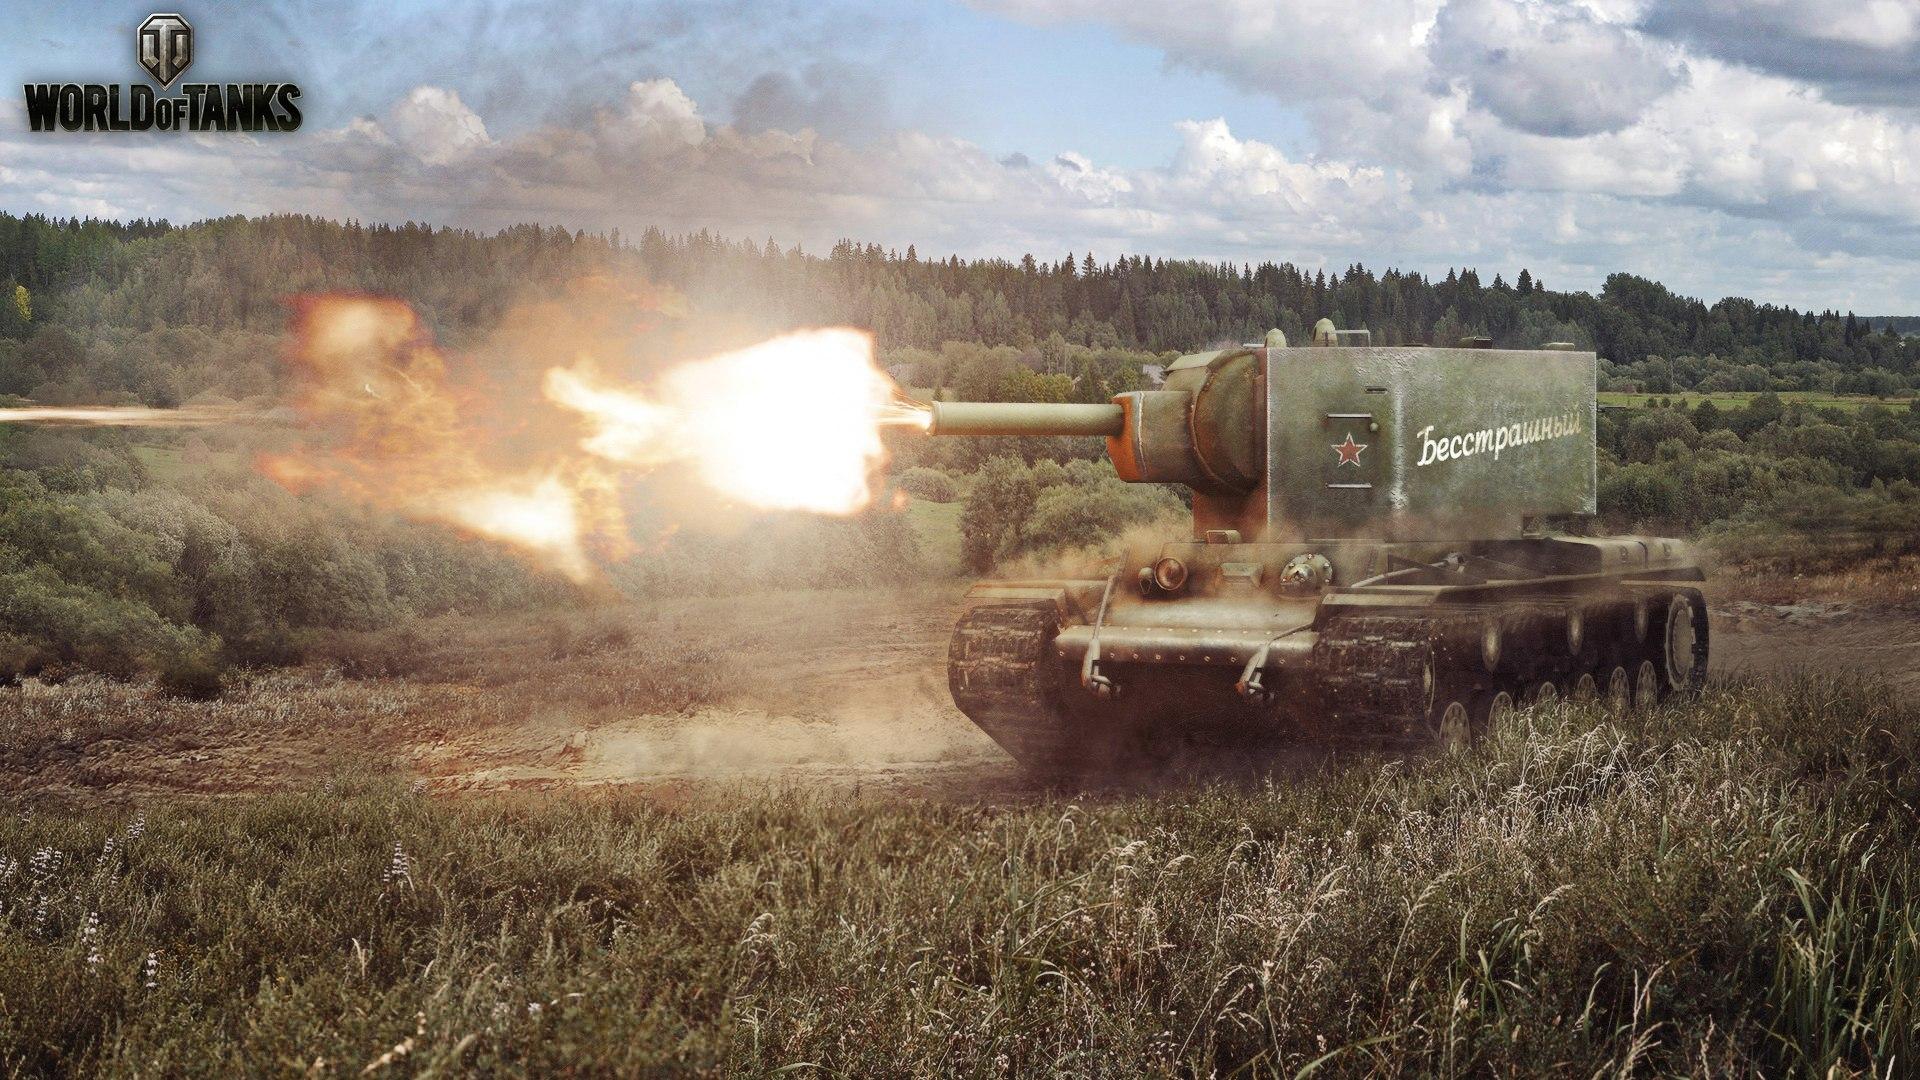 Переработка фугасных снарядов в World of Tanks. Вторая часть